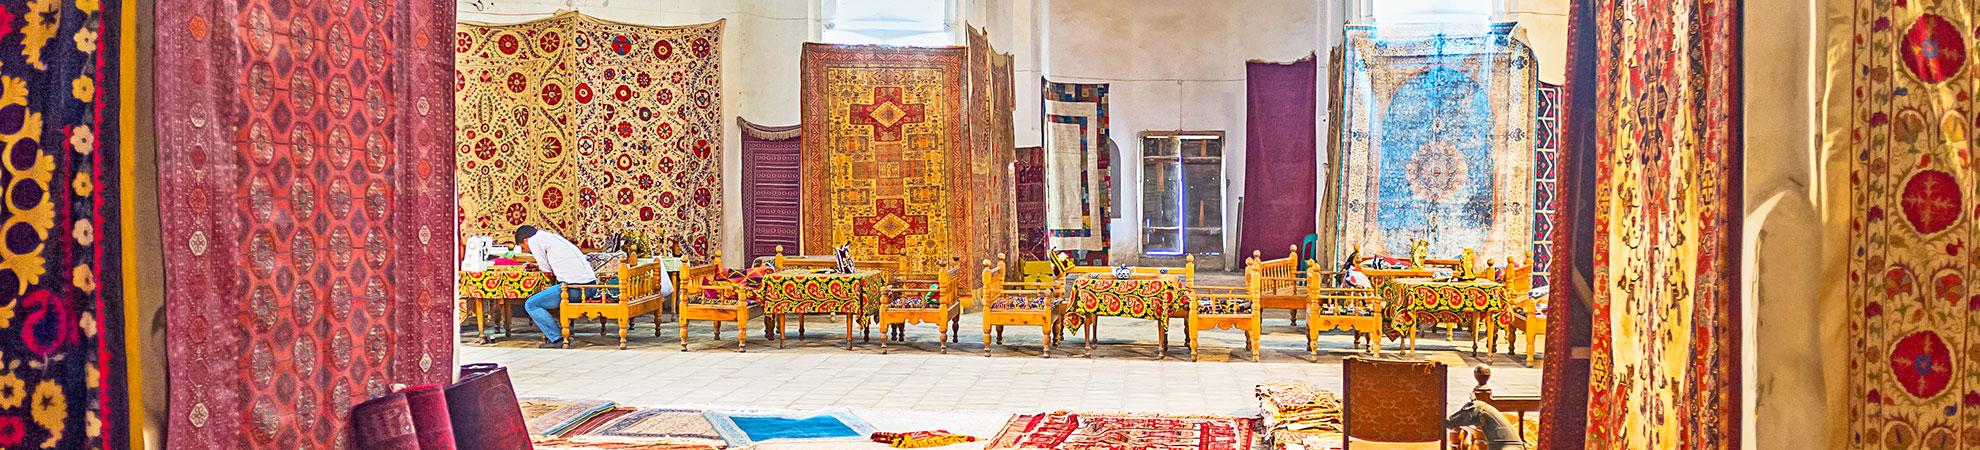 Visiter l'Ouzbekistan